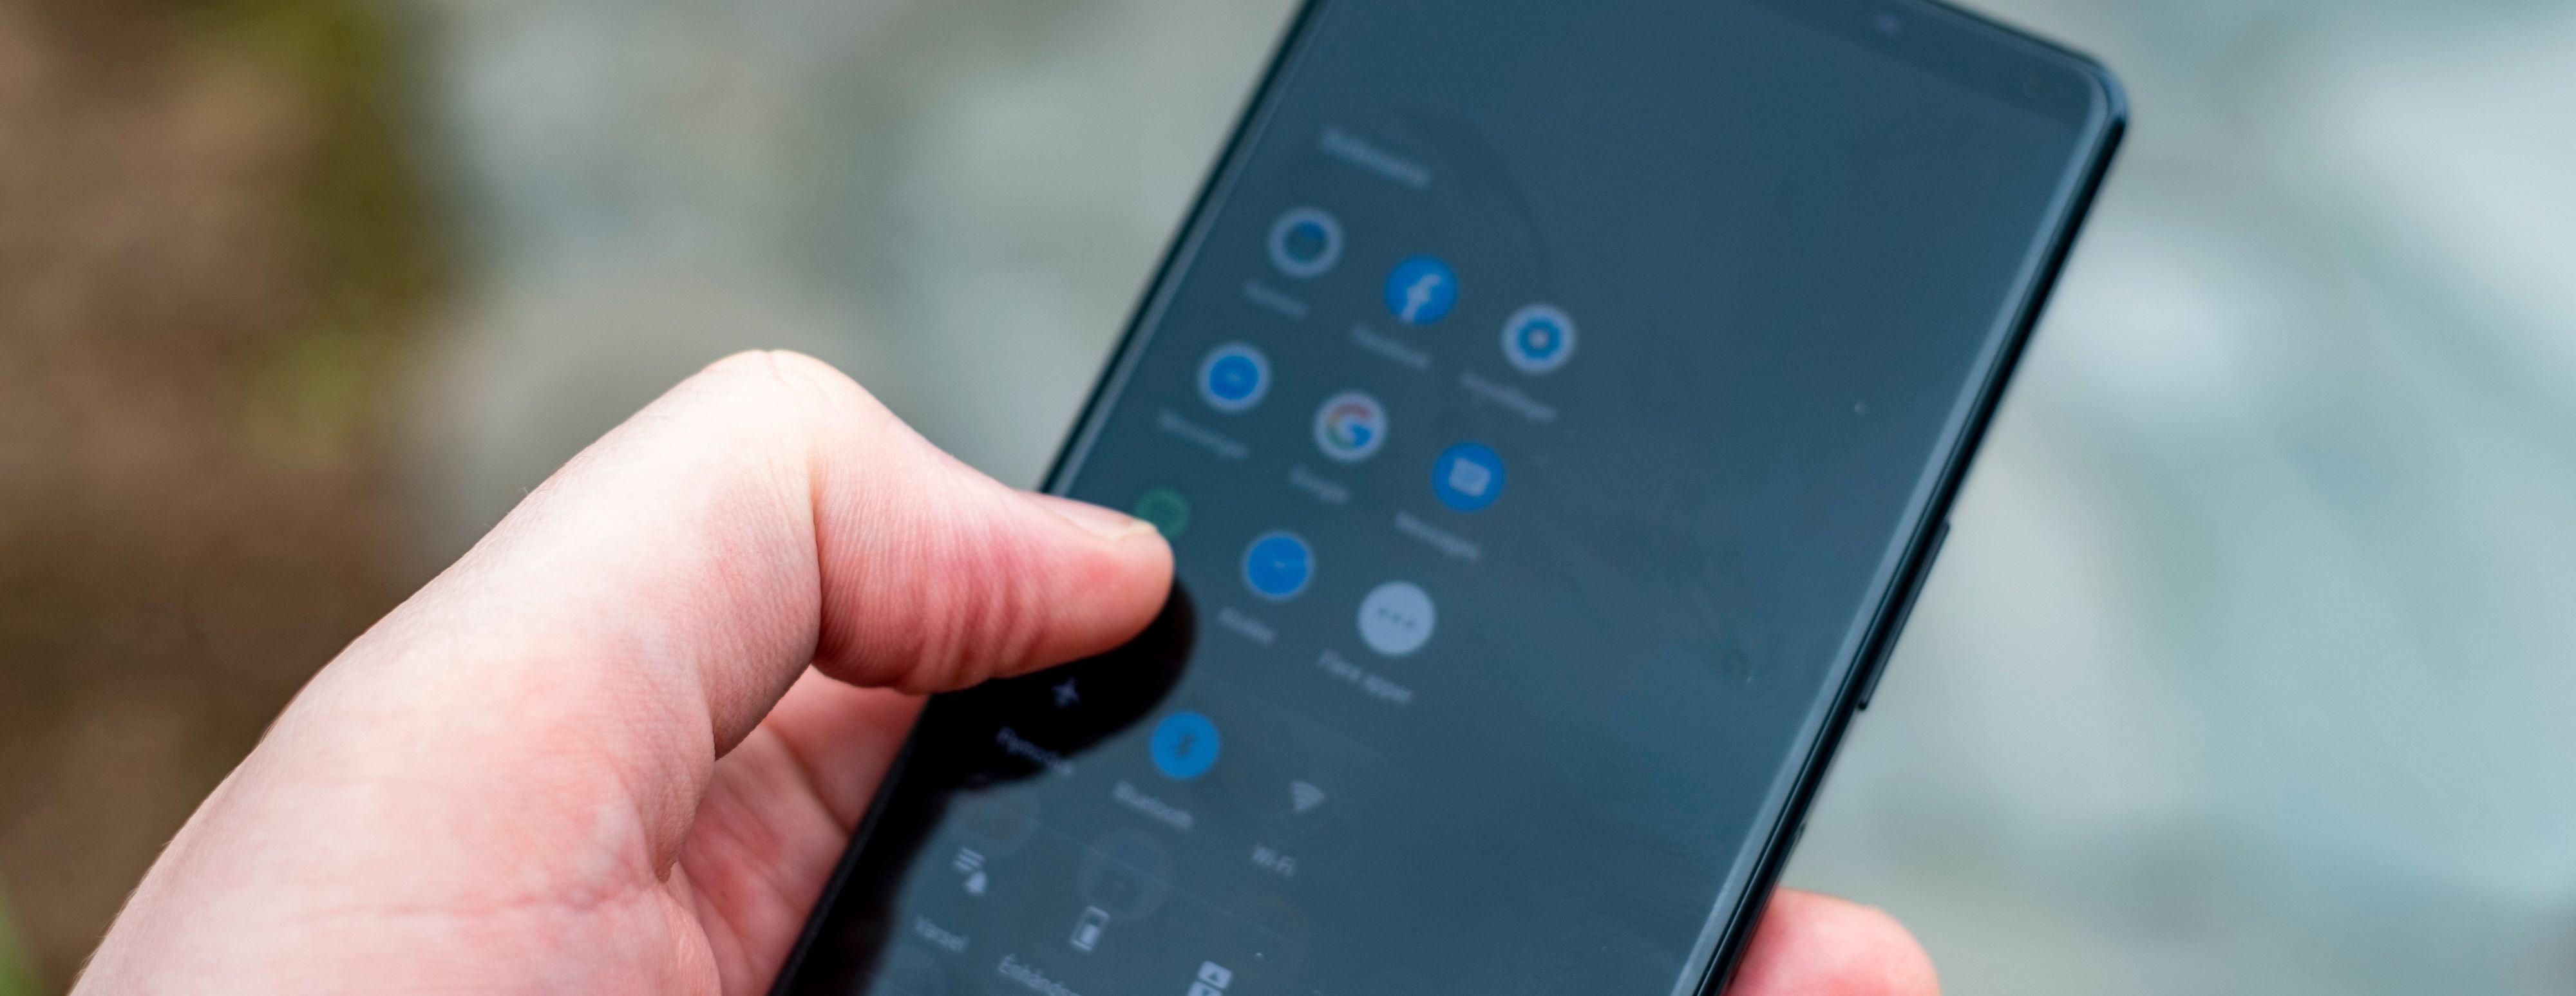 Sidesans er en funksjon som kobler raske tapp på siden av skjermen til ulike funksjoner på mobilen. Blant dem er standardmenyen som dukker opp - den er ikke så veldig nyttig.